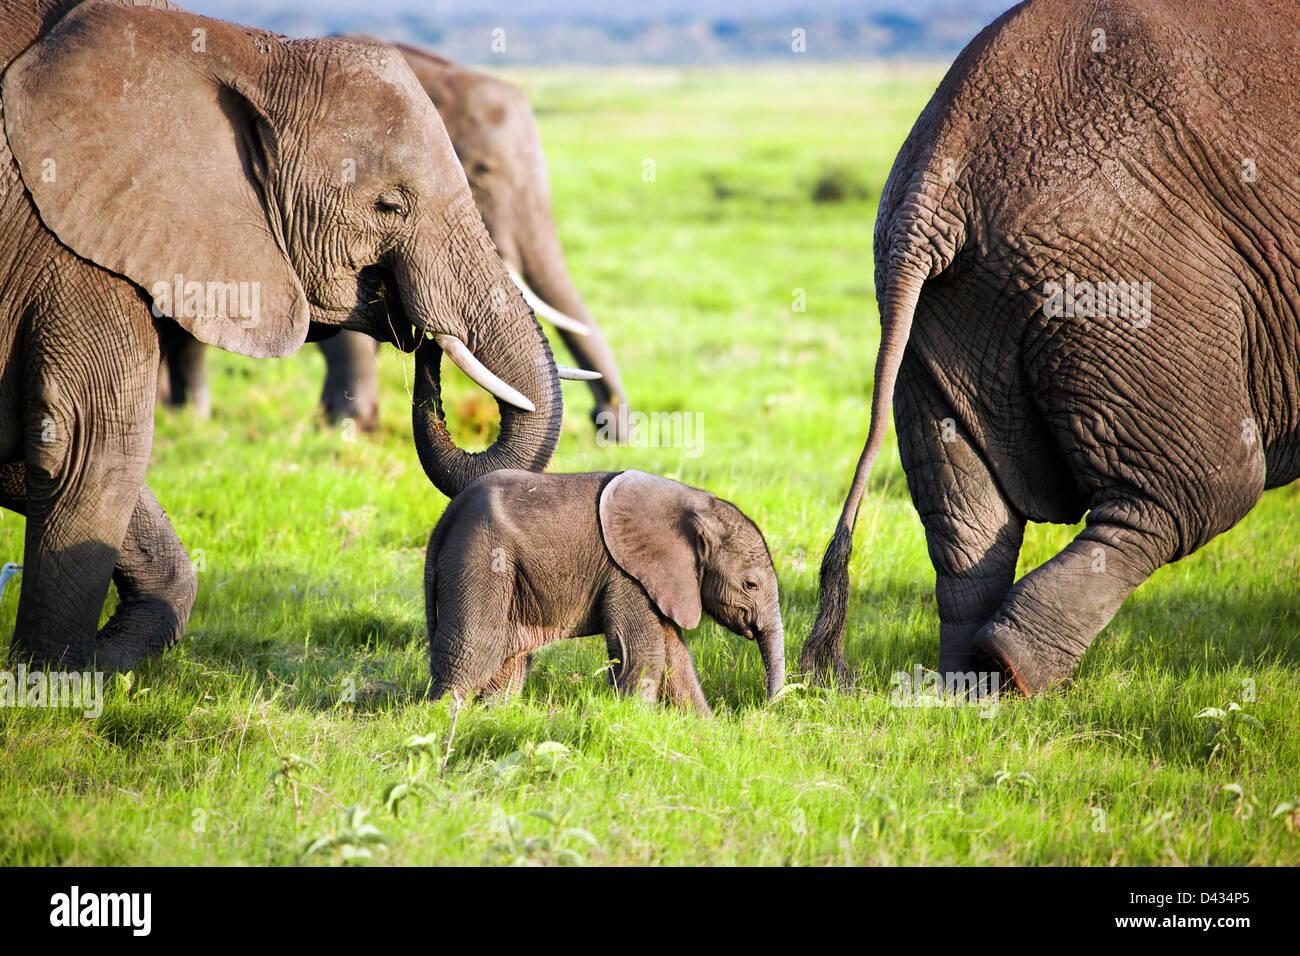 Bébé éléphant et de la famille sur la savane africaine dans le Parc national Amboseli, Kenya, Photo Stock